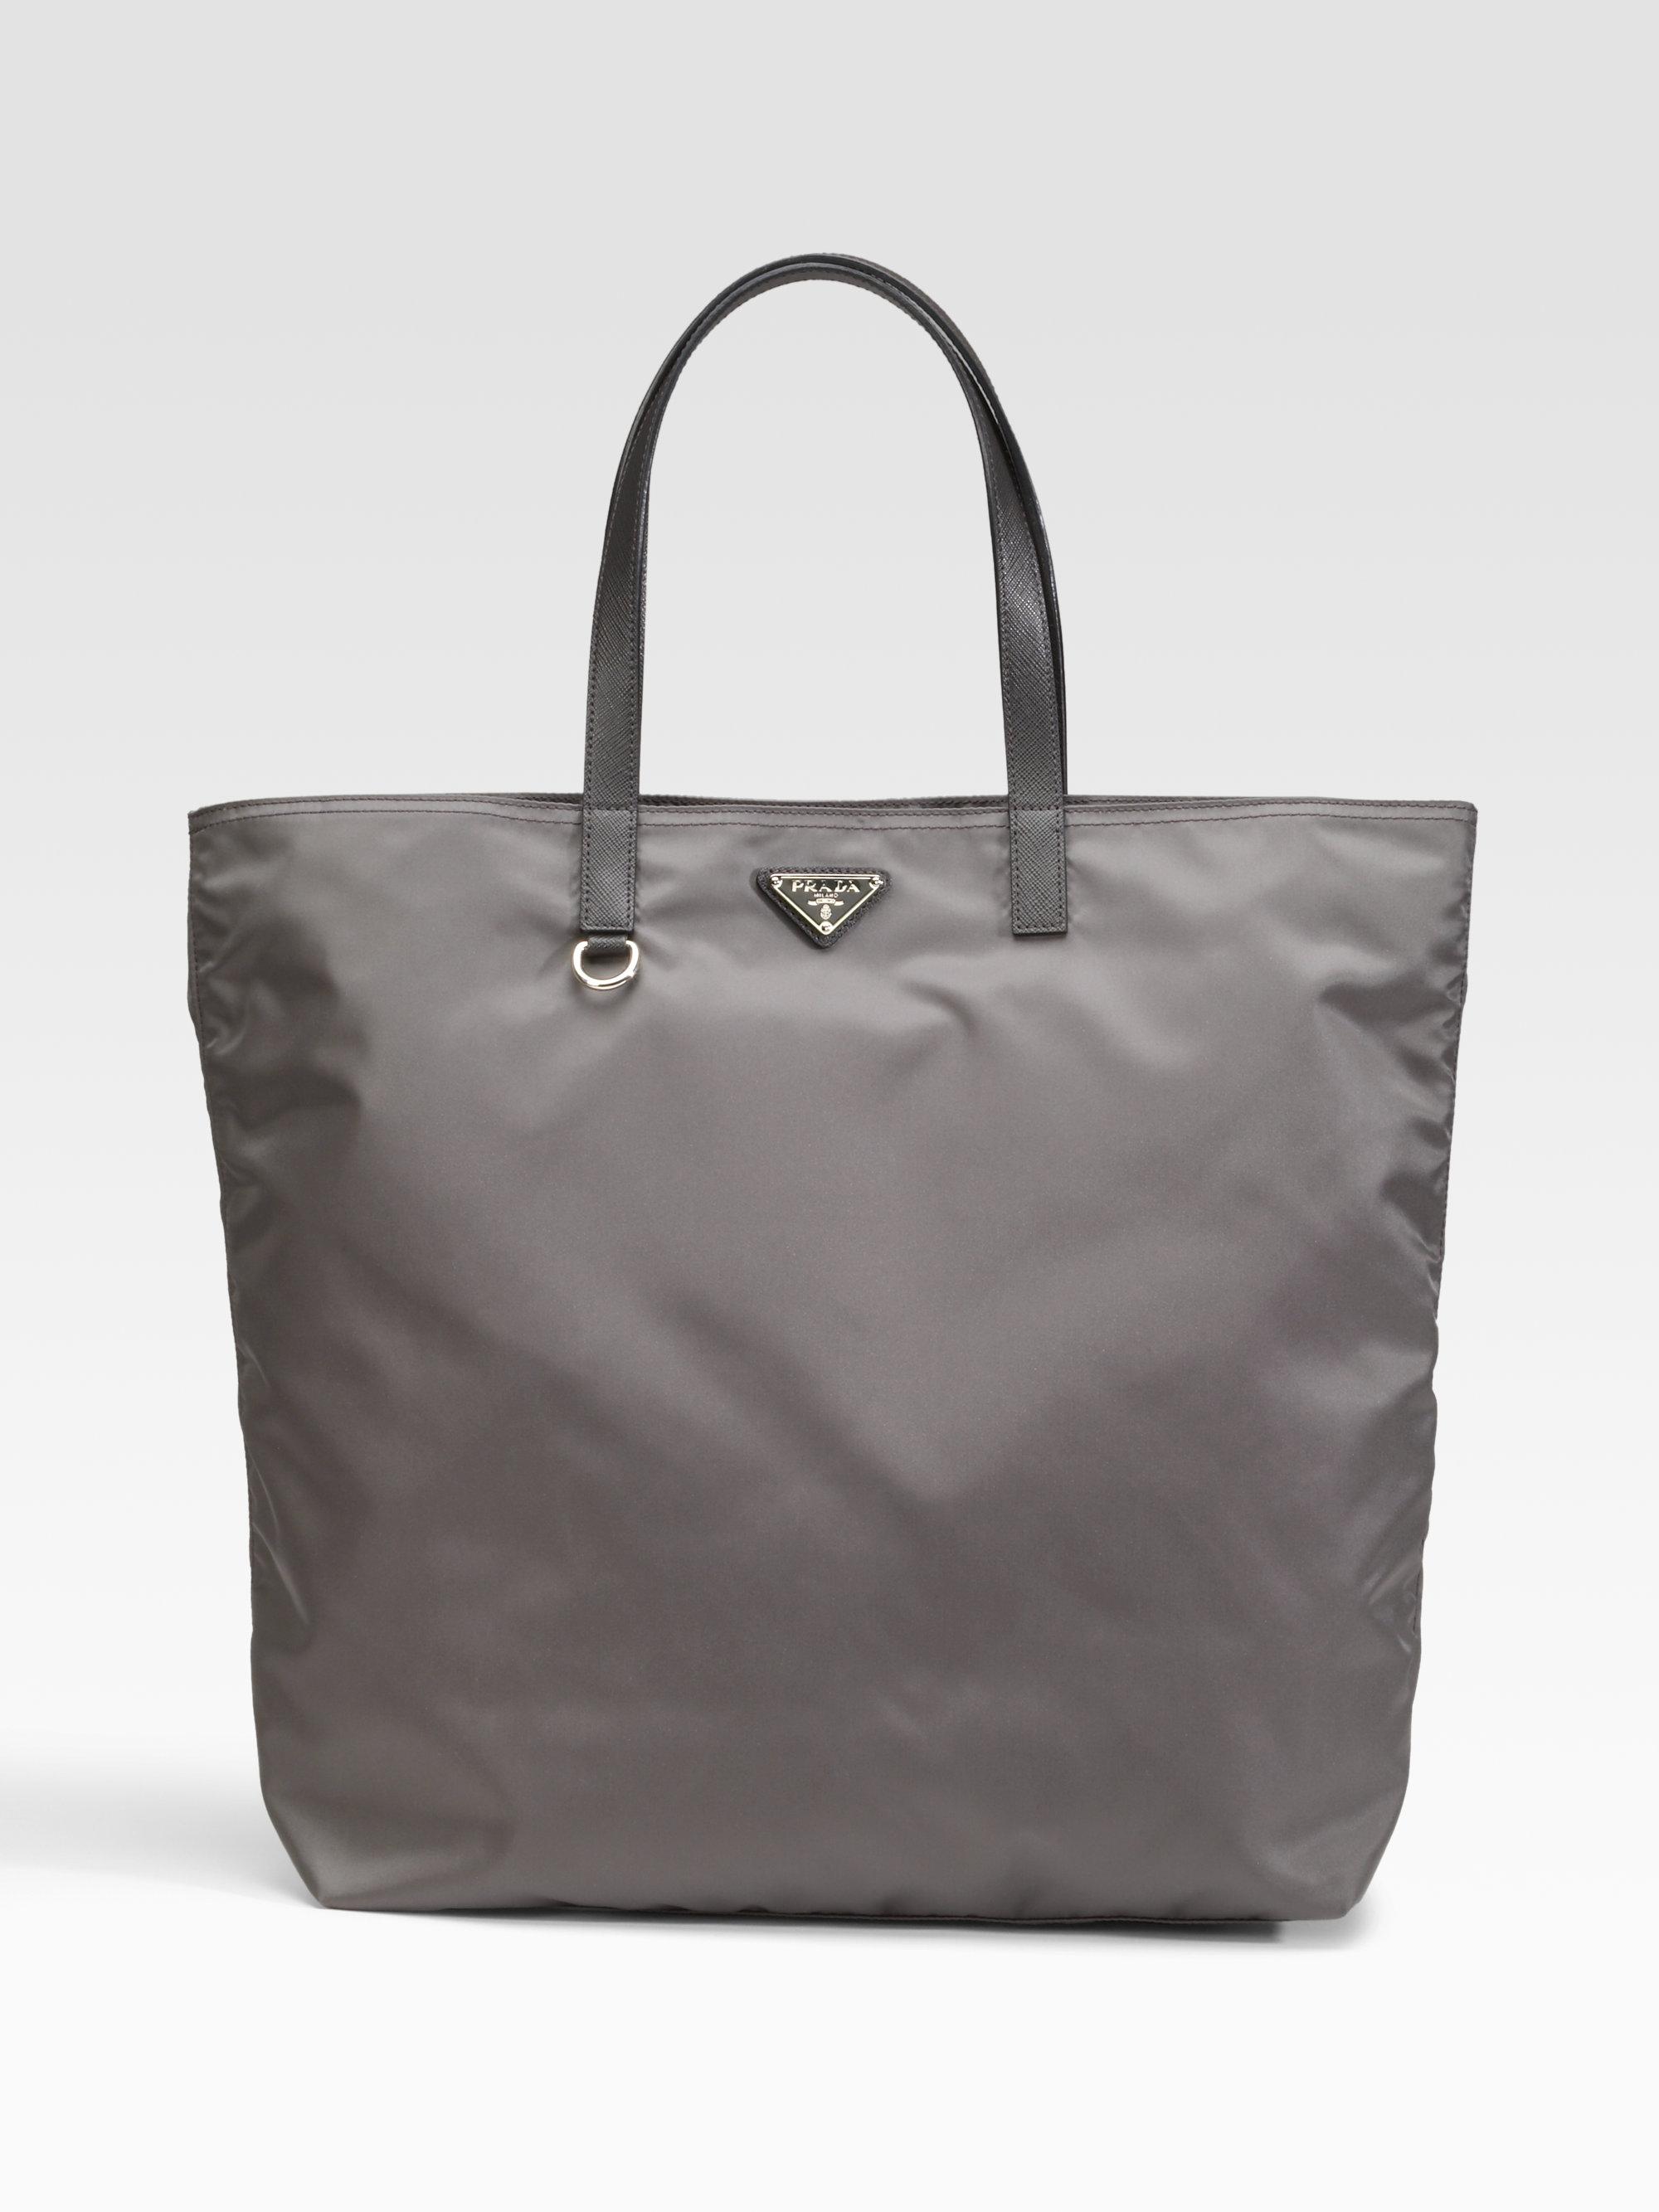 real prada sunglasses or fake - prada leather vela shoulder bag, white pradas